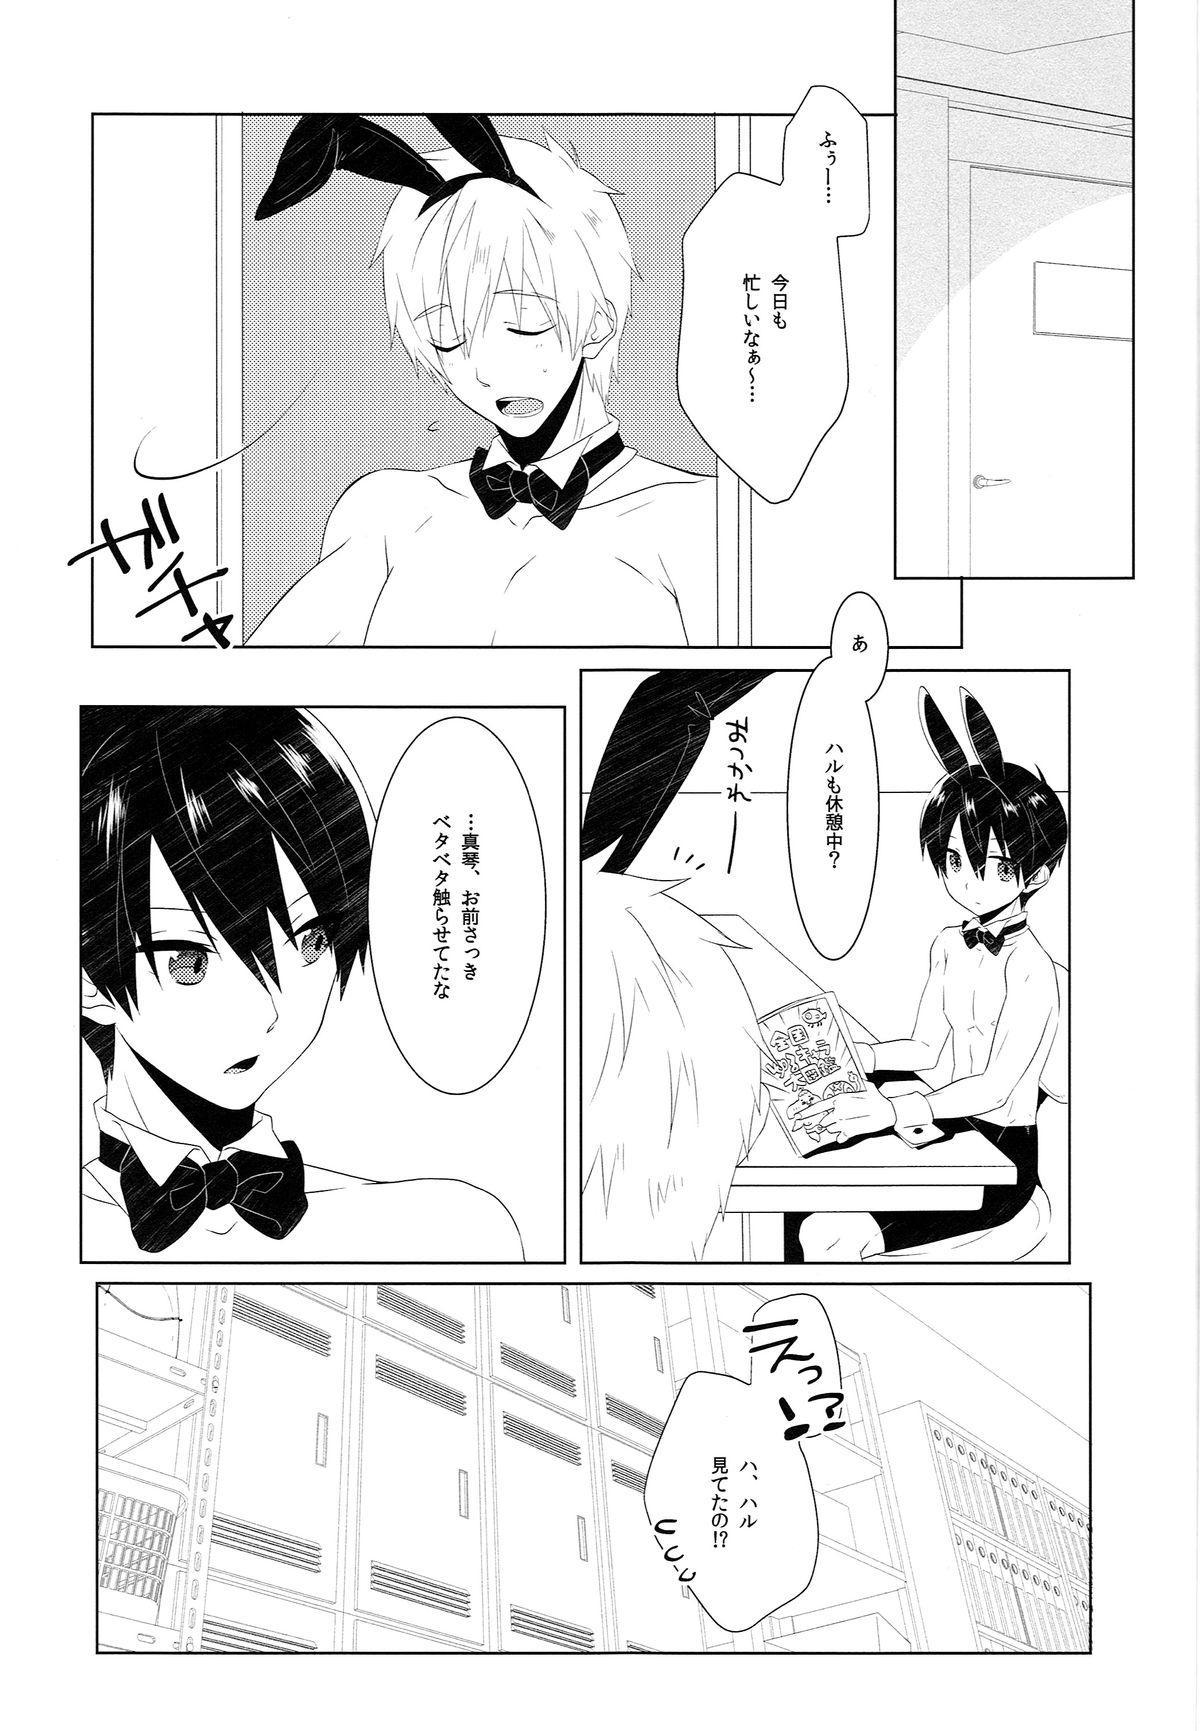 Gochuumon wa ○○○ desu ka? 21